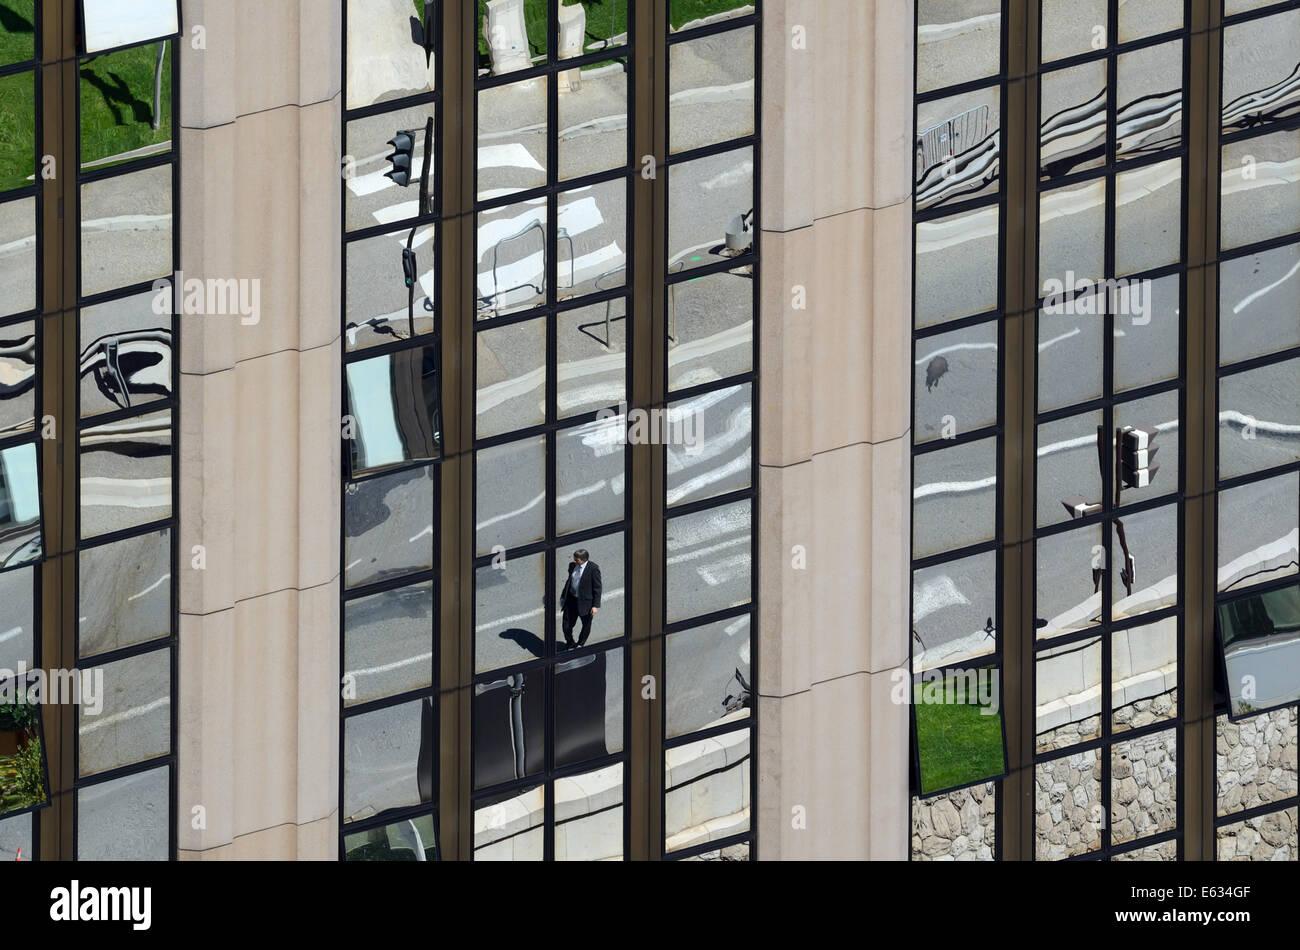 Réflexions de Scène de rue et passage pour piétons en miroir de l'immeuble de bureaux ou un immeuble de bureaux Banque D'Images